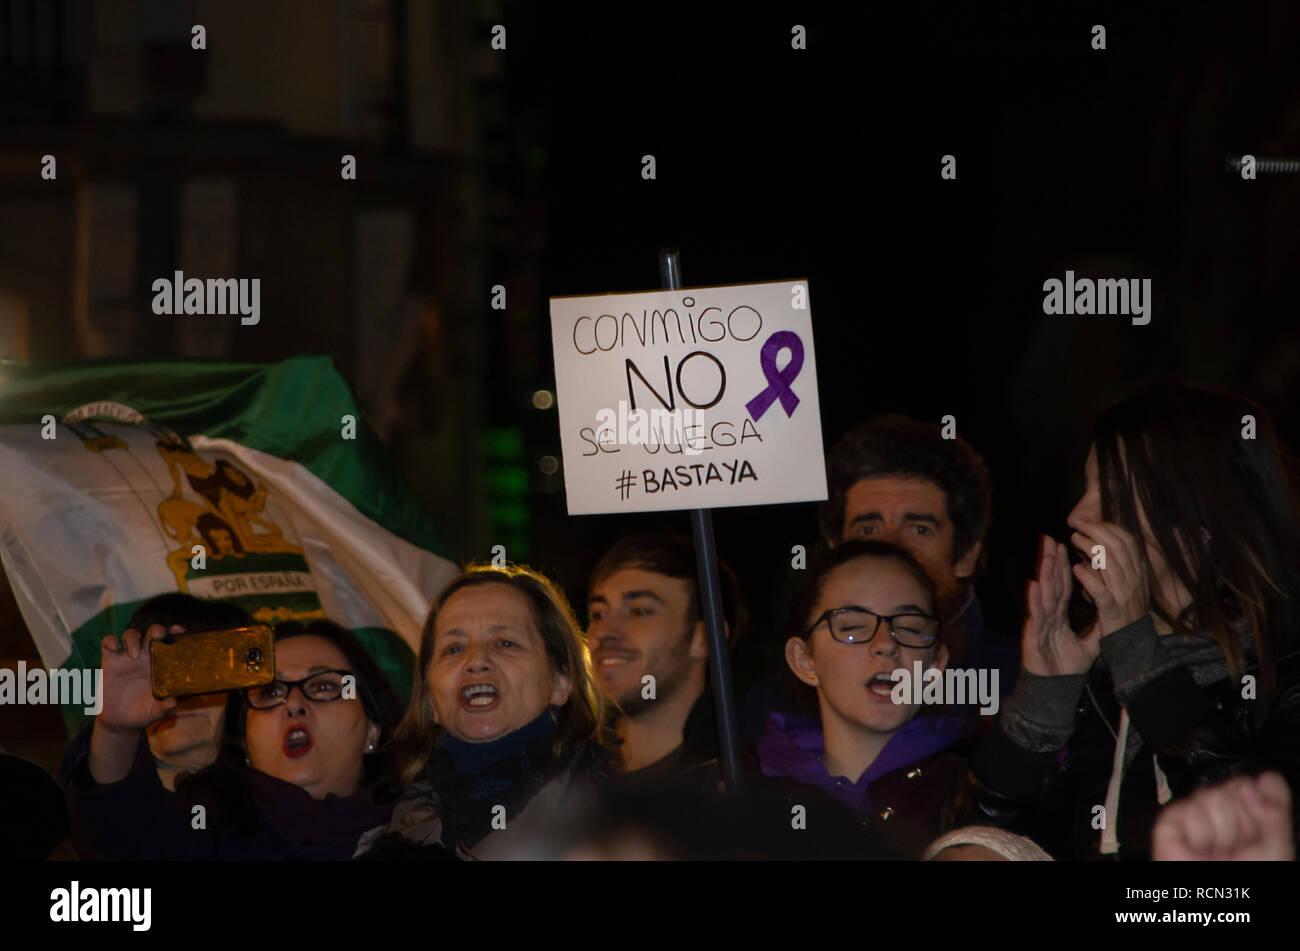 """Madrid, España. El 15 de enero de 2019. Miles de mujeres se reunieron en la Puerta del Sol, la plaza central de Madrid, para protestar contra las propuestas del partido de derechas VOX para finalizar con algunas leyes que prevén la igualdad de género en España. Se organizaron protestas durante toda la jornada en diferentes ciudades españolas bajo el lema """"Ni un paso atrás"""", que significa """"ningún paso atrás"""". En la imagen de la gente a la protesta. Hay un cartel que dice """"no puede jugar conmigo. Crédito: Lora Grigorova/Alamy Live News Imagen De Stock"""